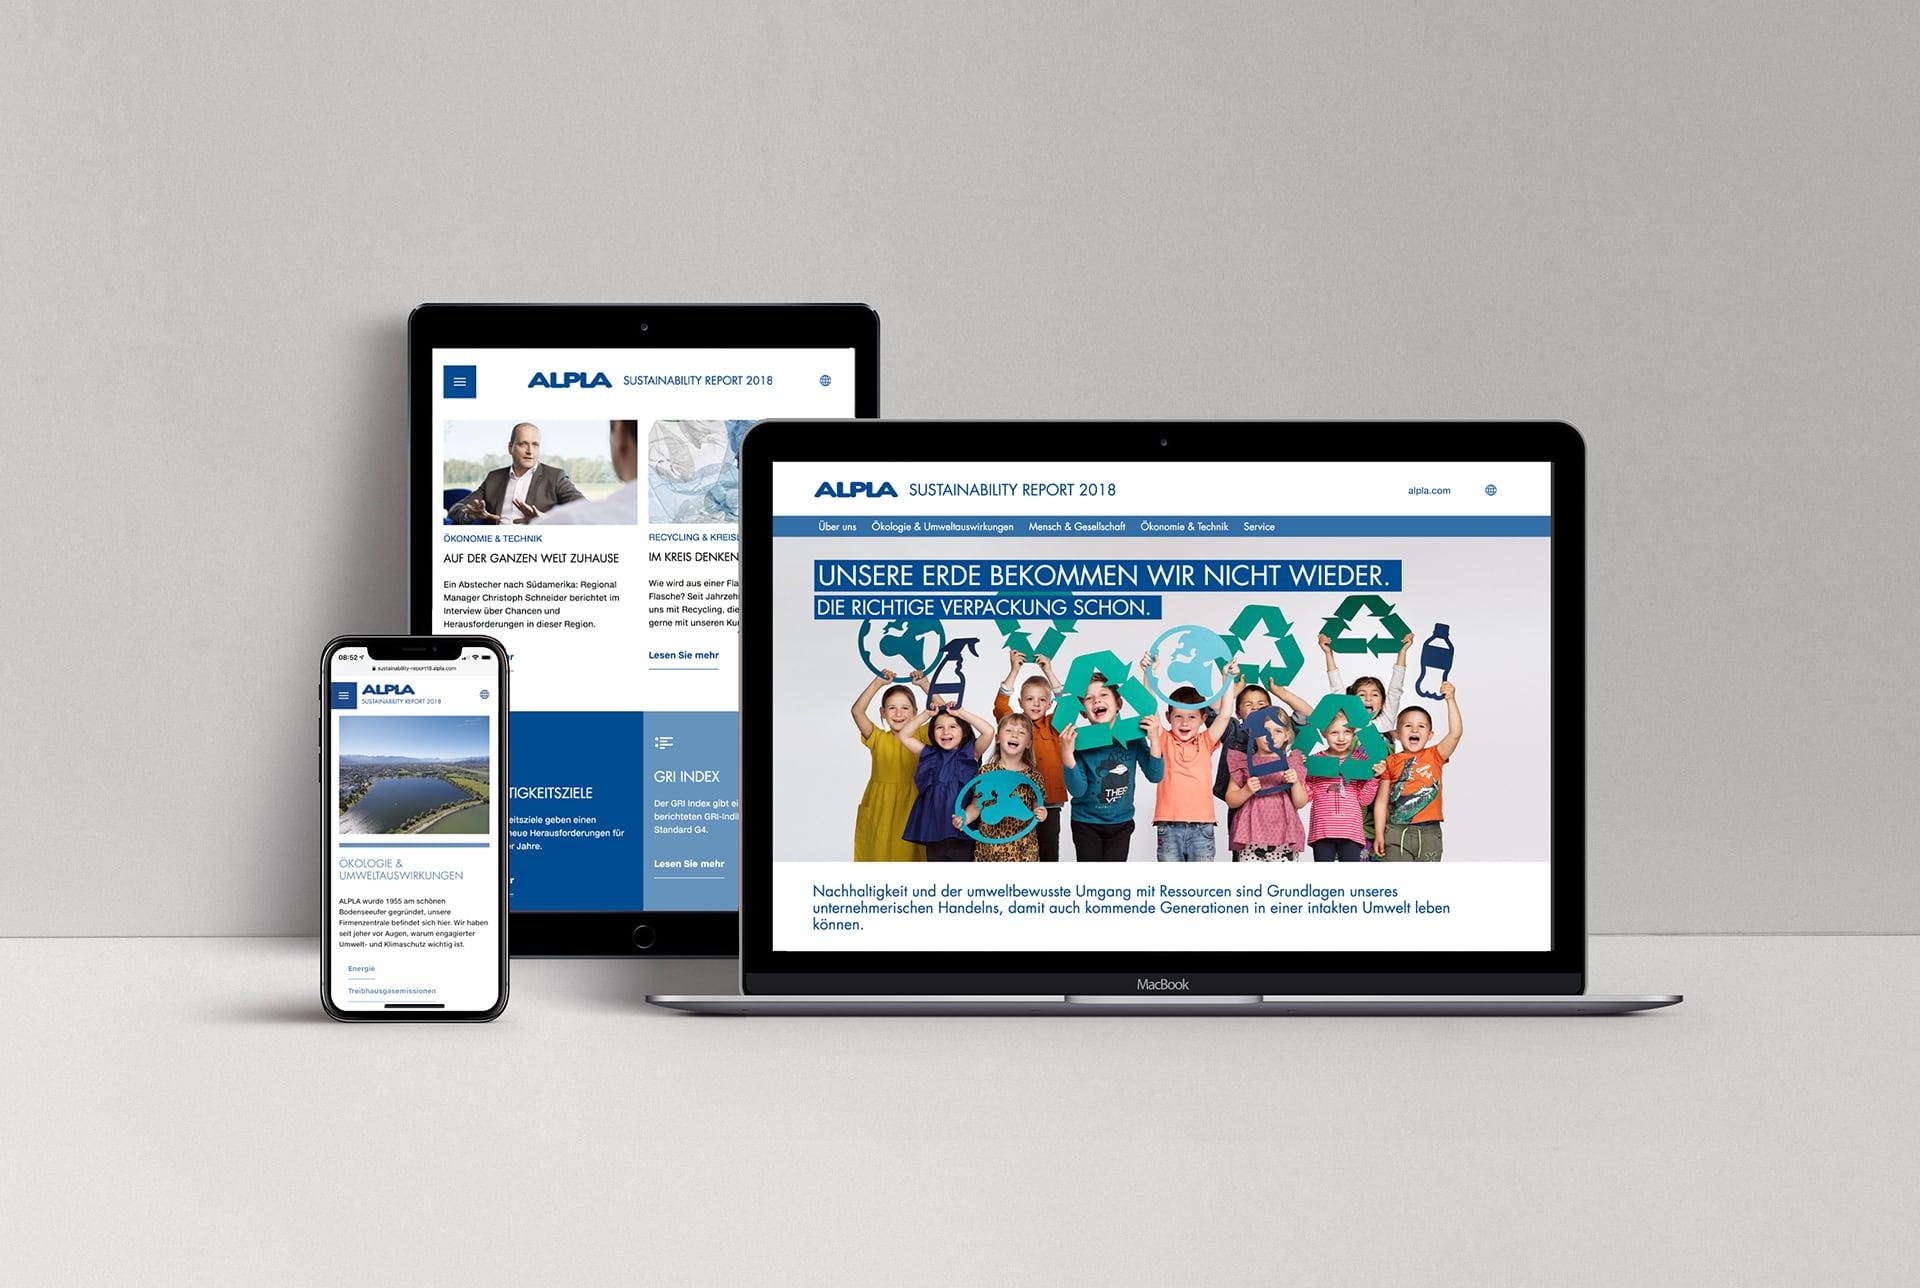 Alpla Nachhaltigkeitswebsite optimier für verschiedene Endgeräte